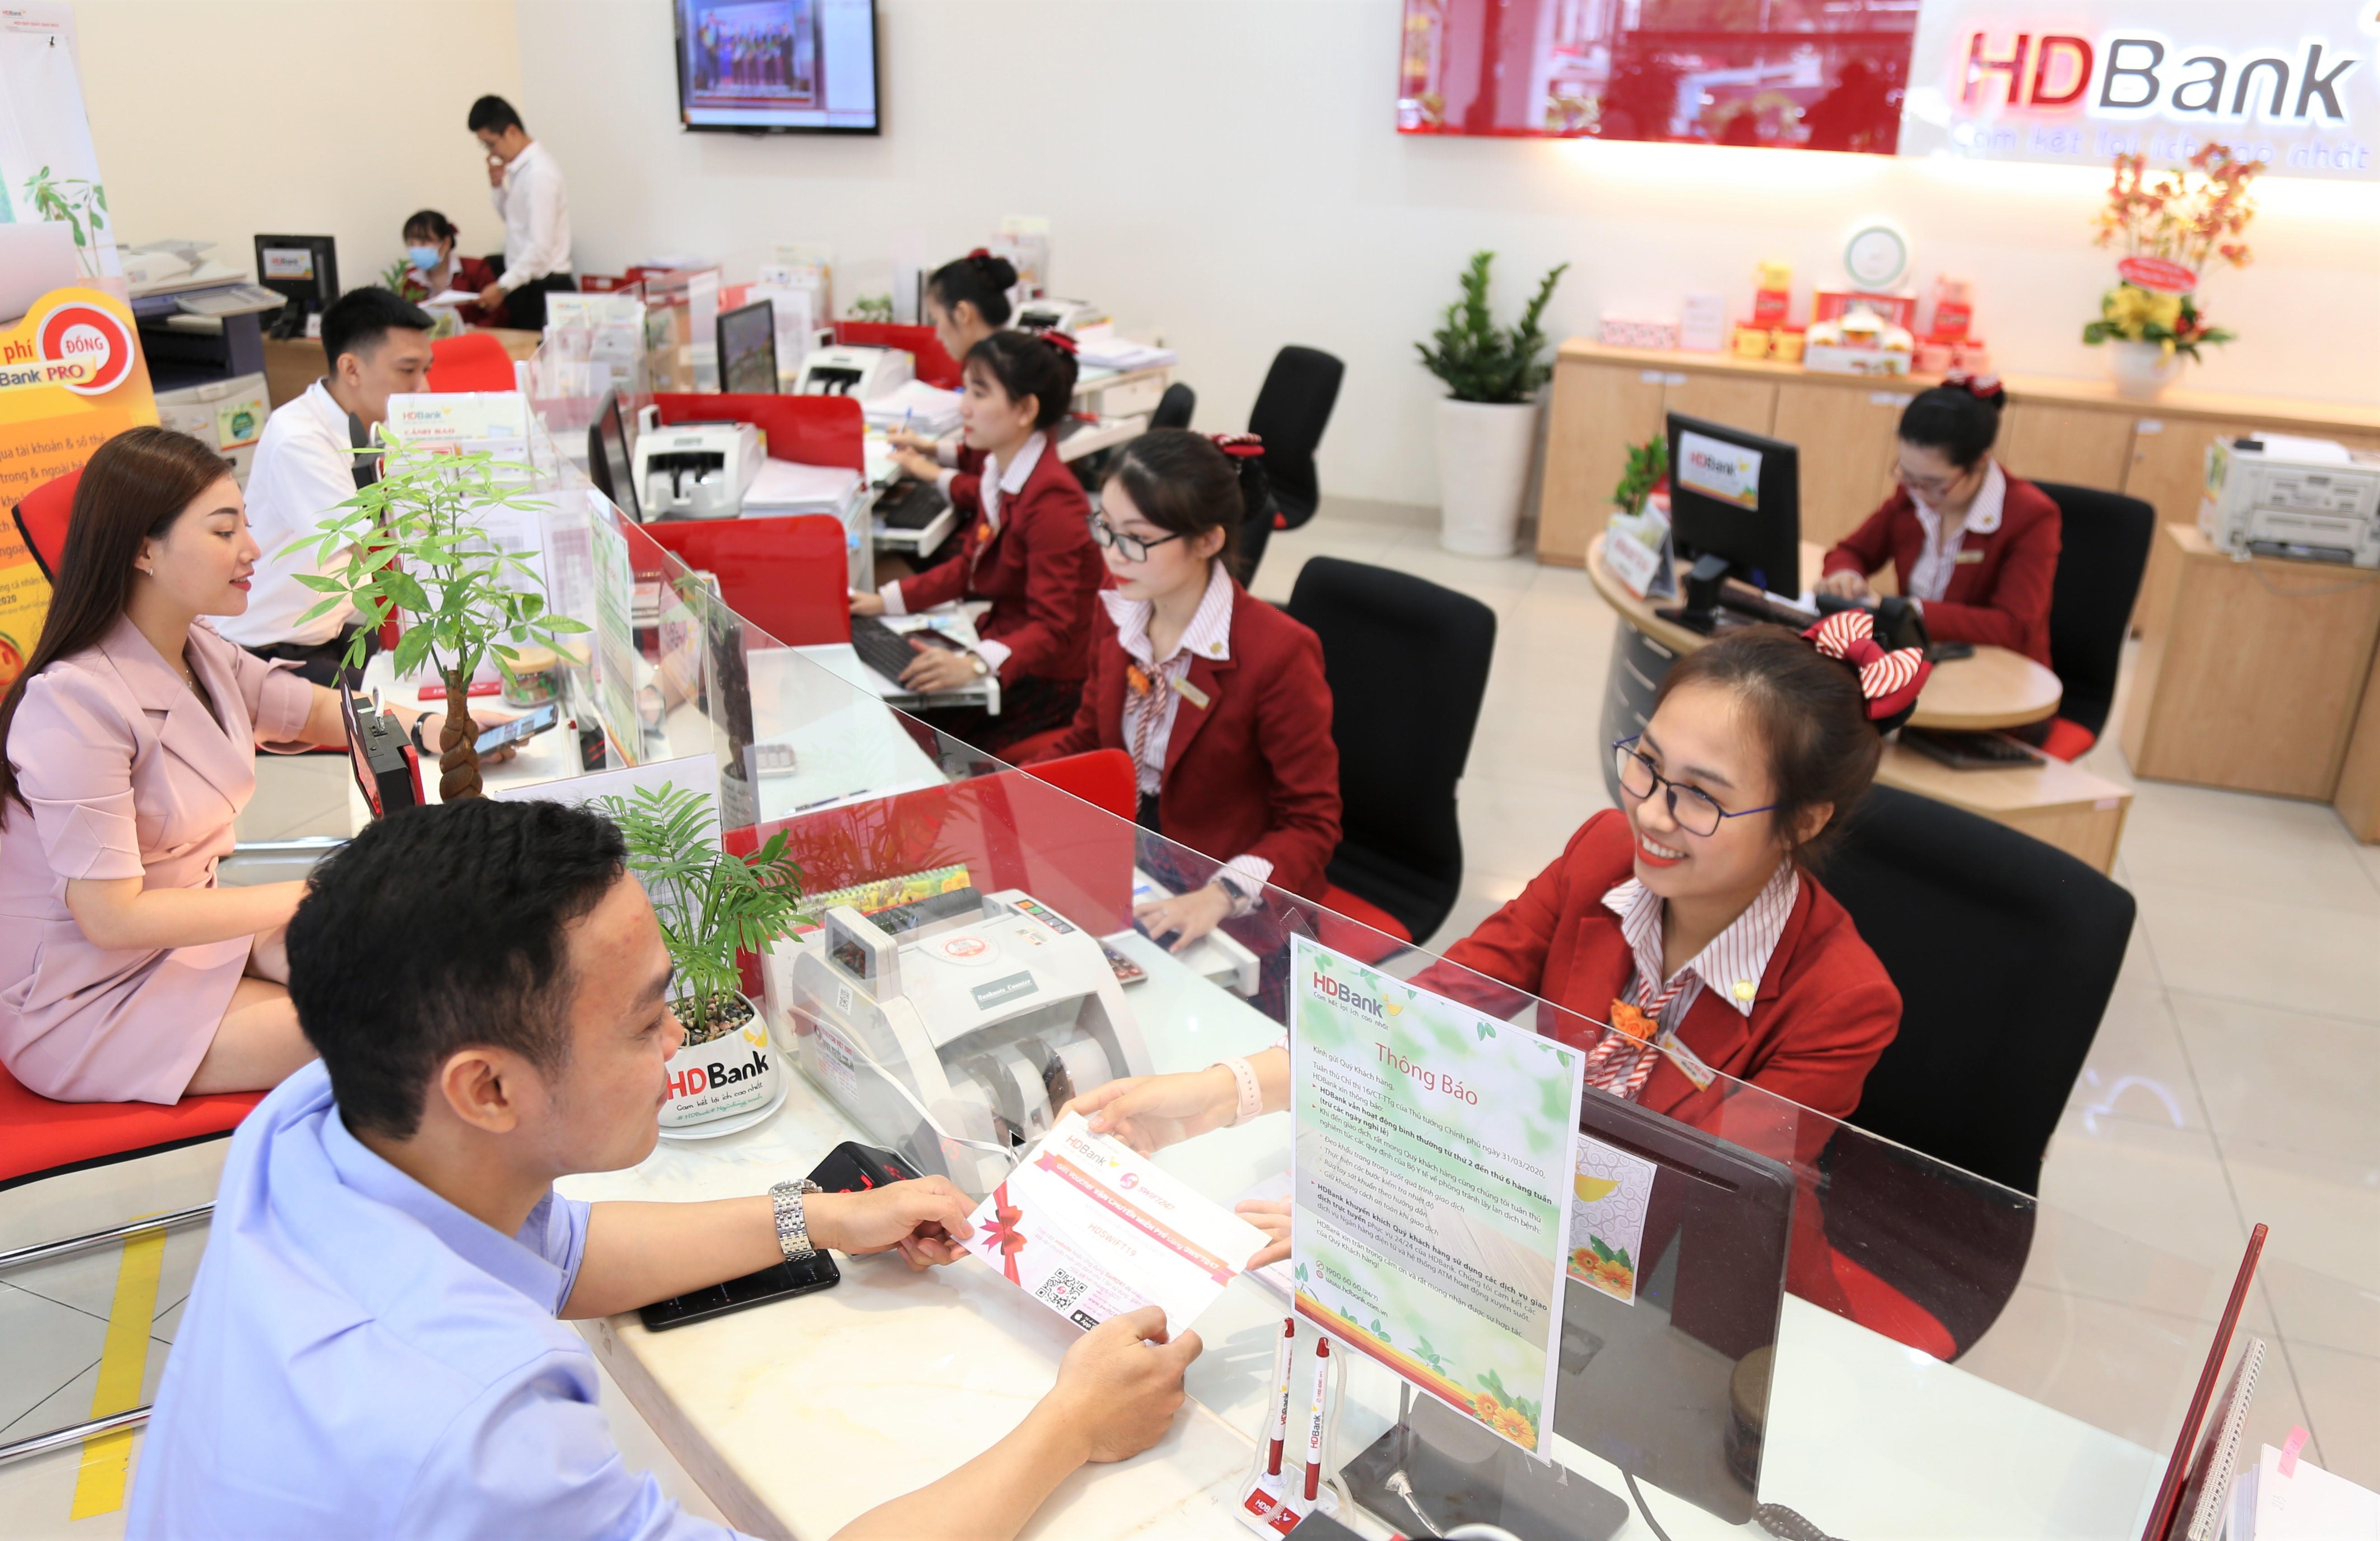 HDBank thu lãi lớn từ hoạt động dịch vụ, dư nợ tín dụng tăng hơn 14% sau 9 tháng đầu năm - Ảnh 1.